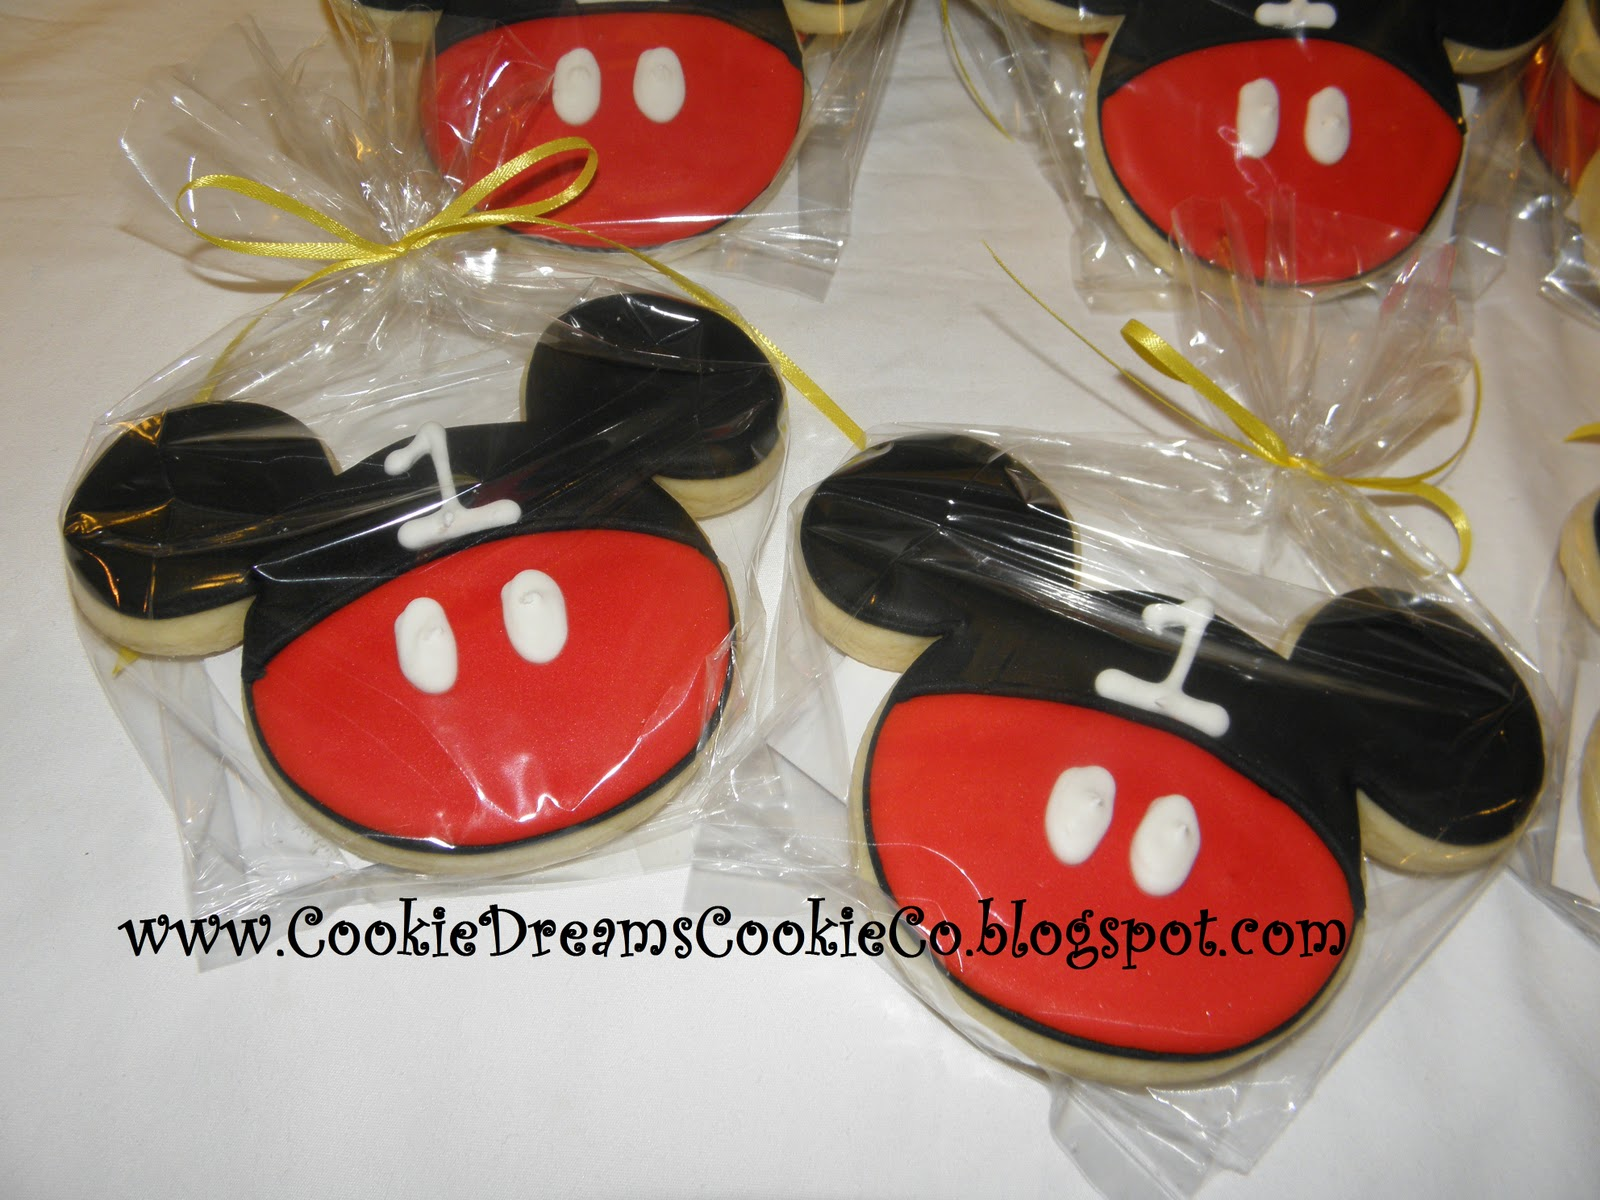 Cookie Dreams Cookie Co November 2011